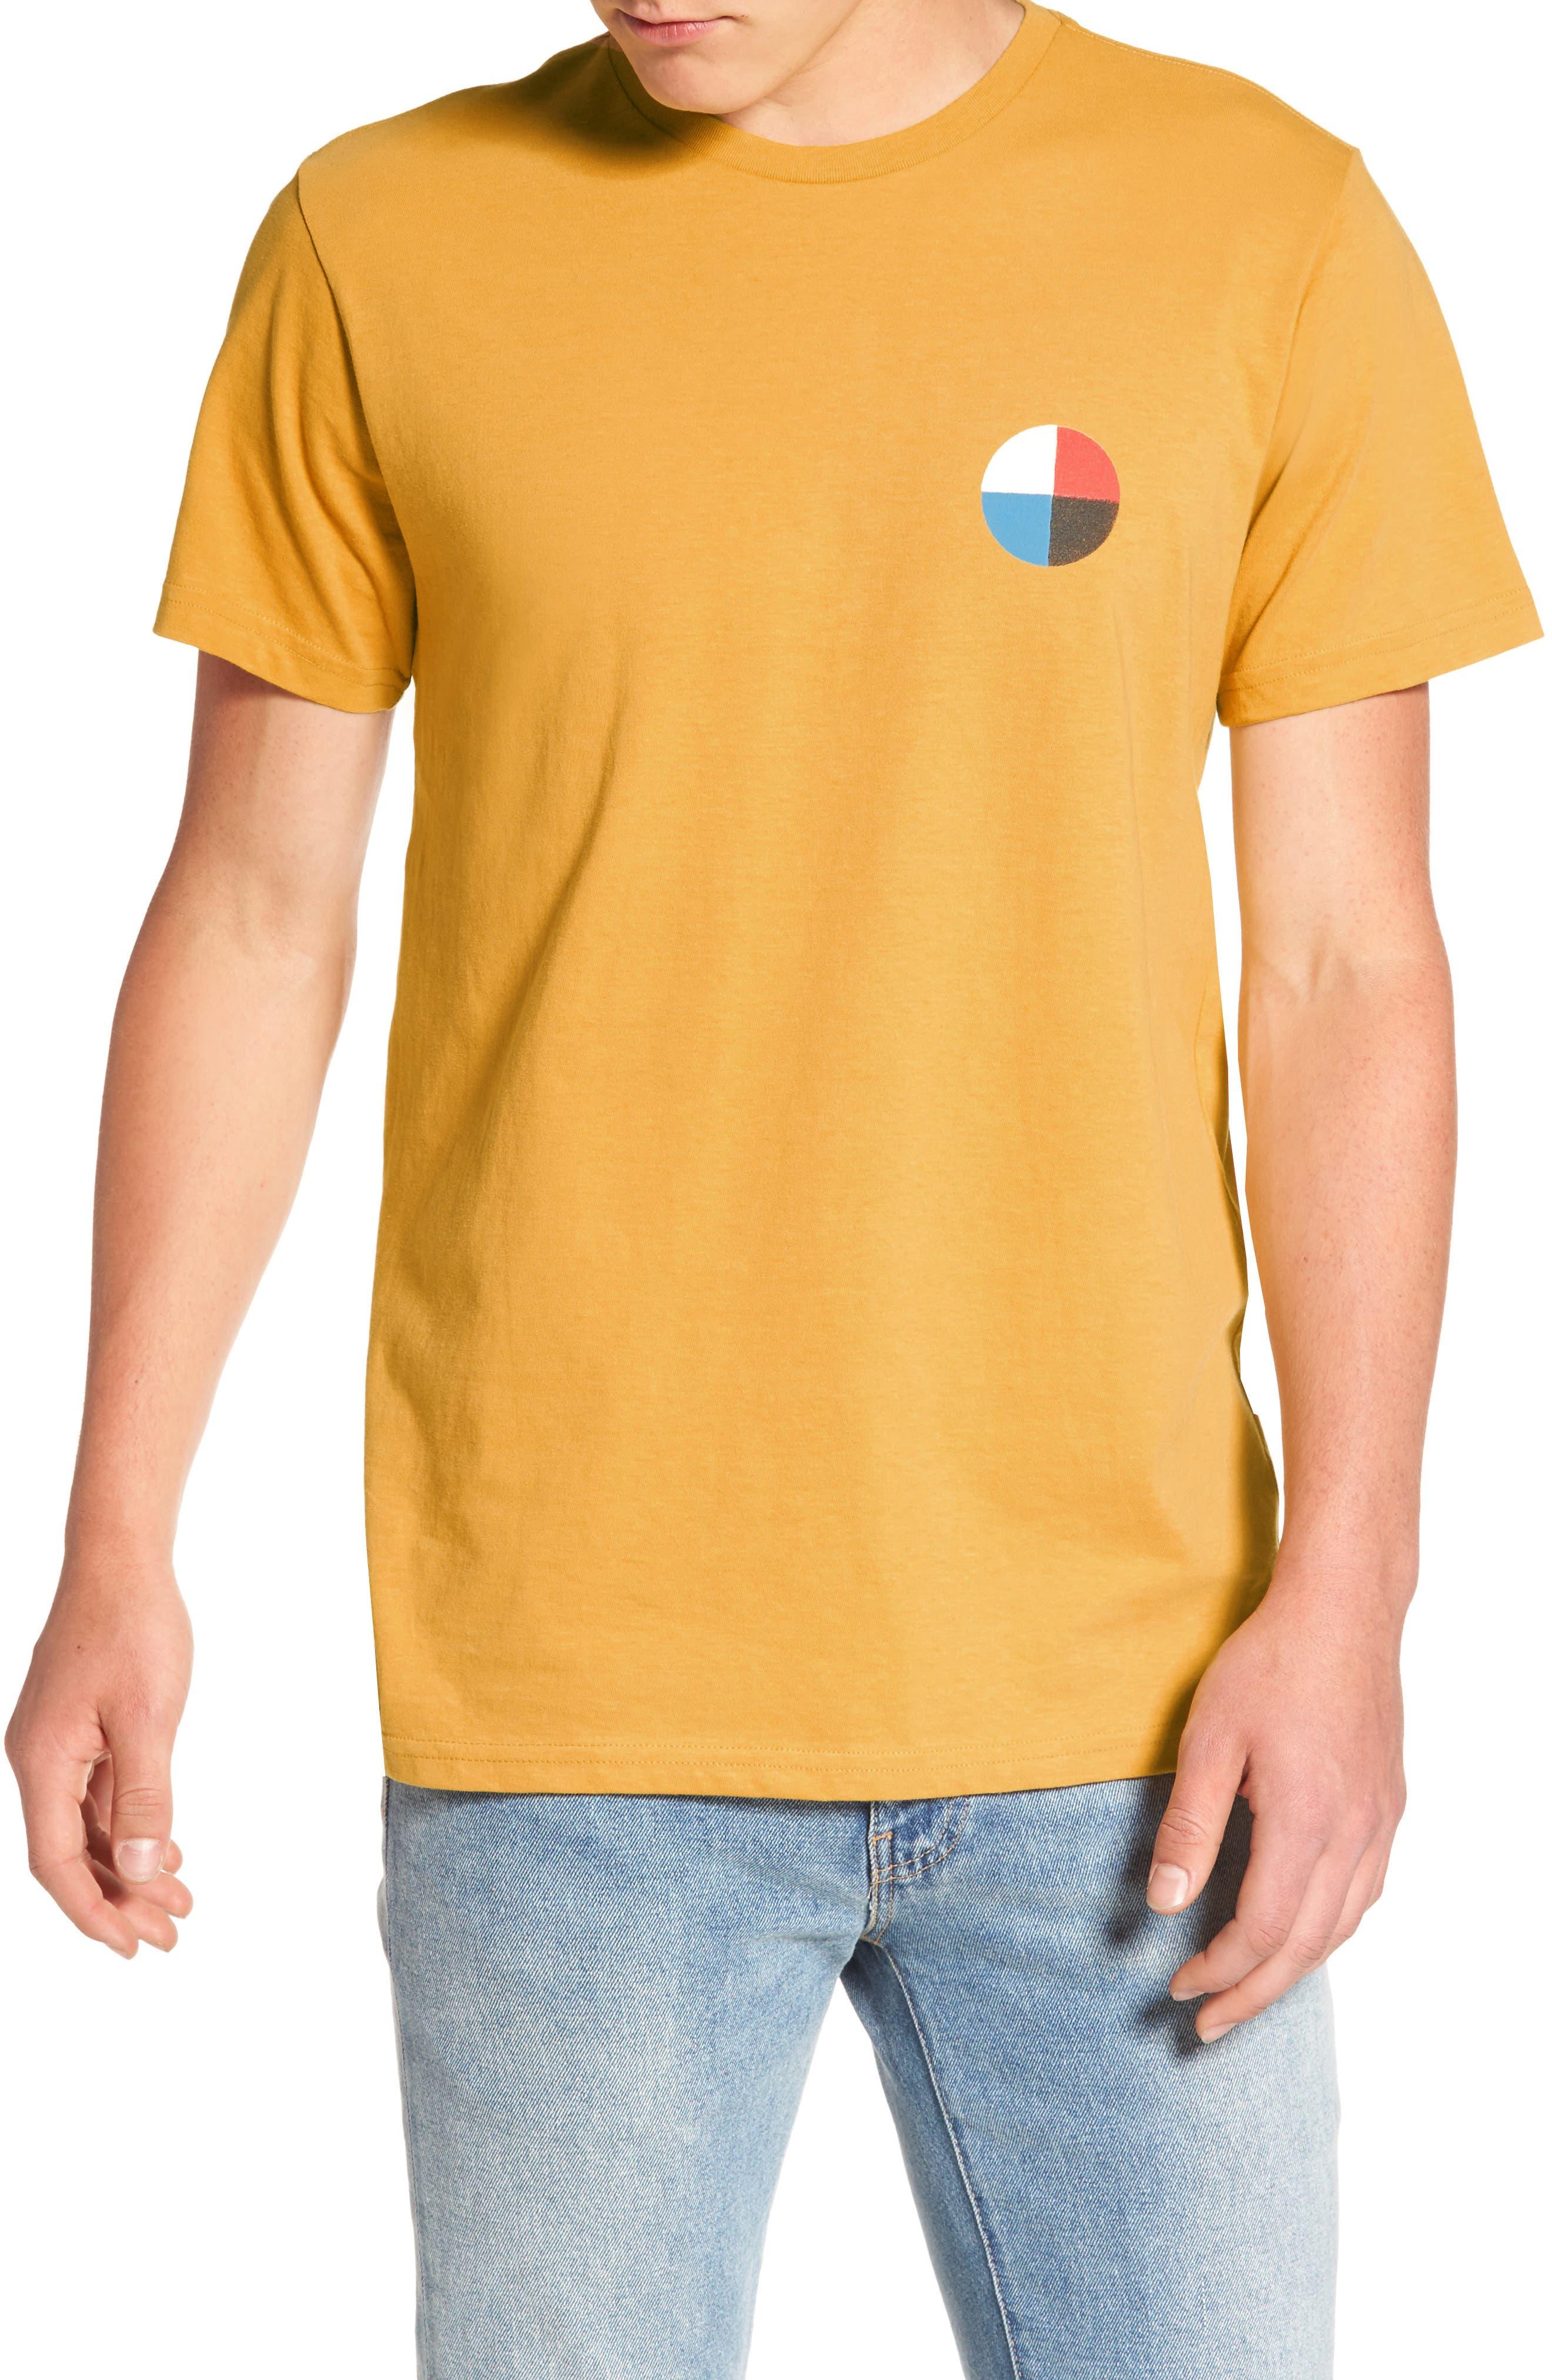 Billabong Toucan Pelletier Graphic T-Shirt